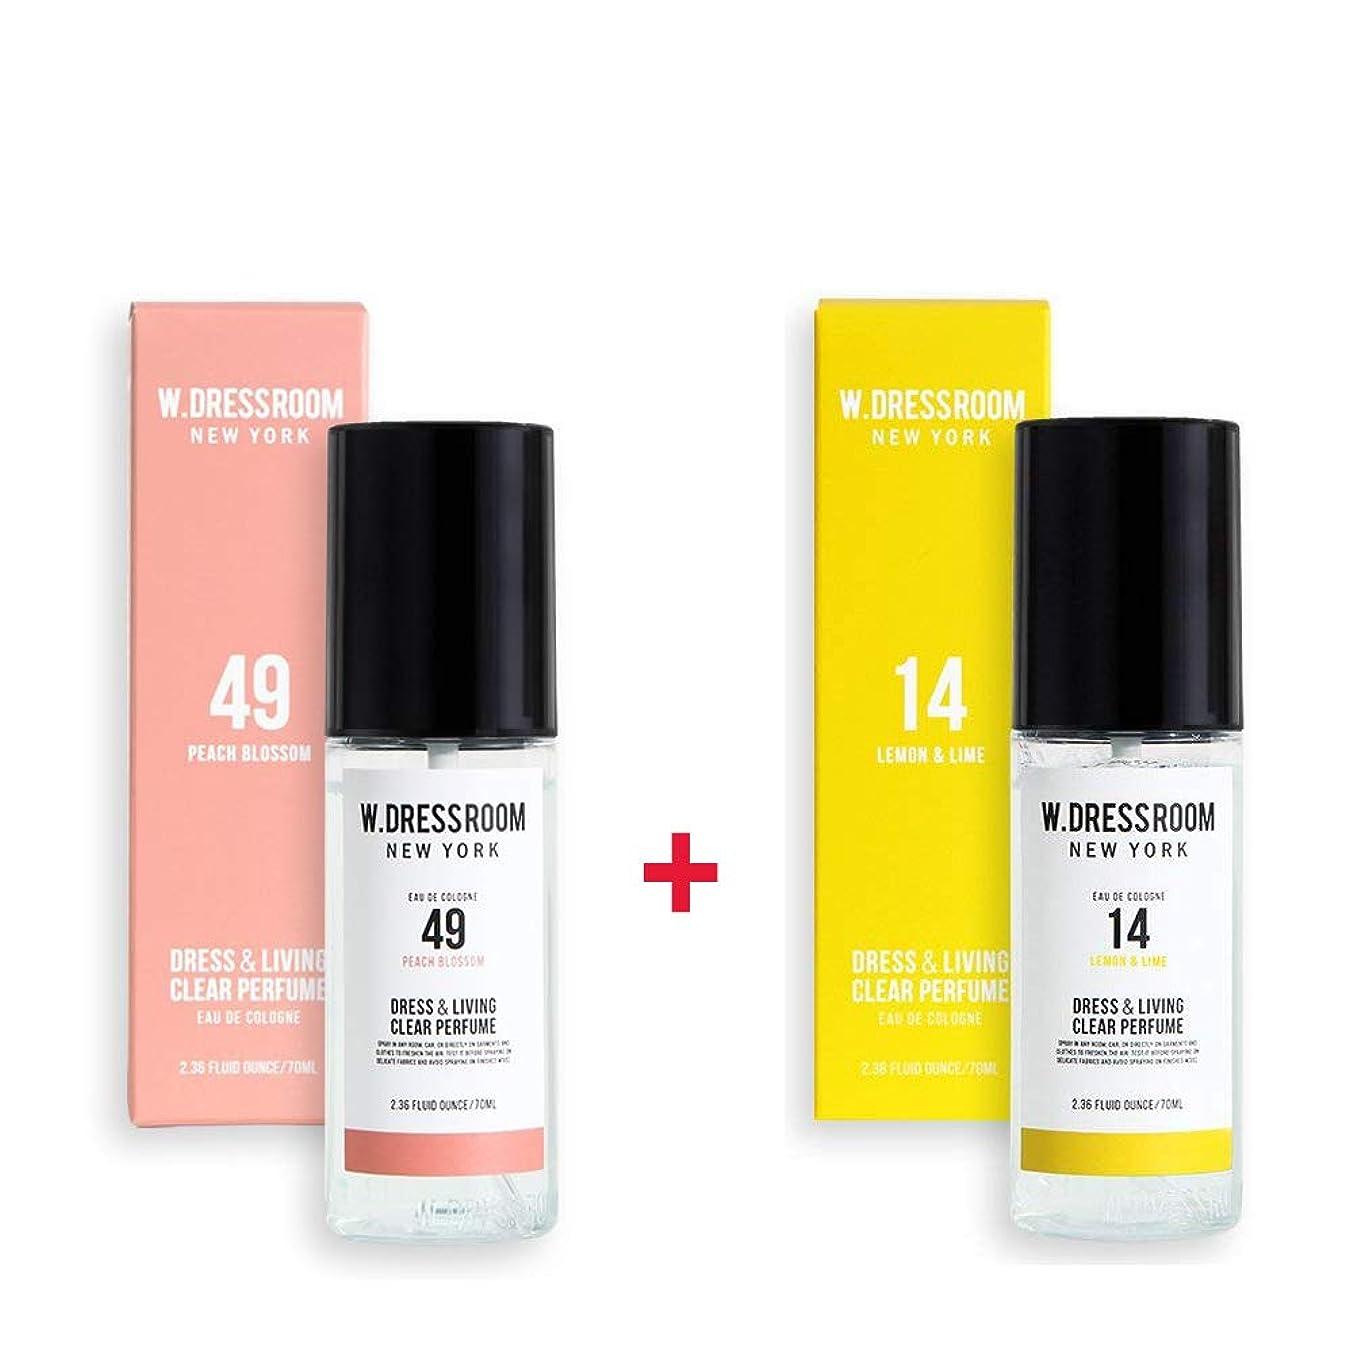 急降下スペードに同意するW.DRESSROOM Dress & Living Clear Perfume 70ml (No 49 Peach Blossom)+(No 14 Lemon & Lime)